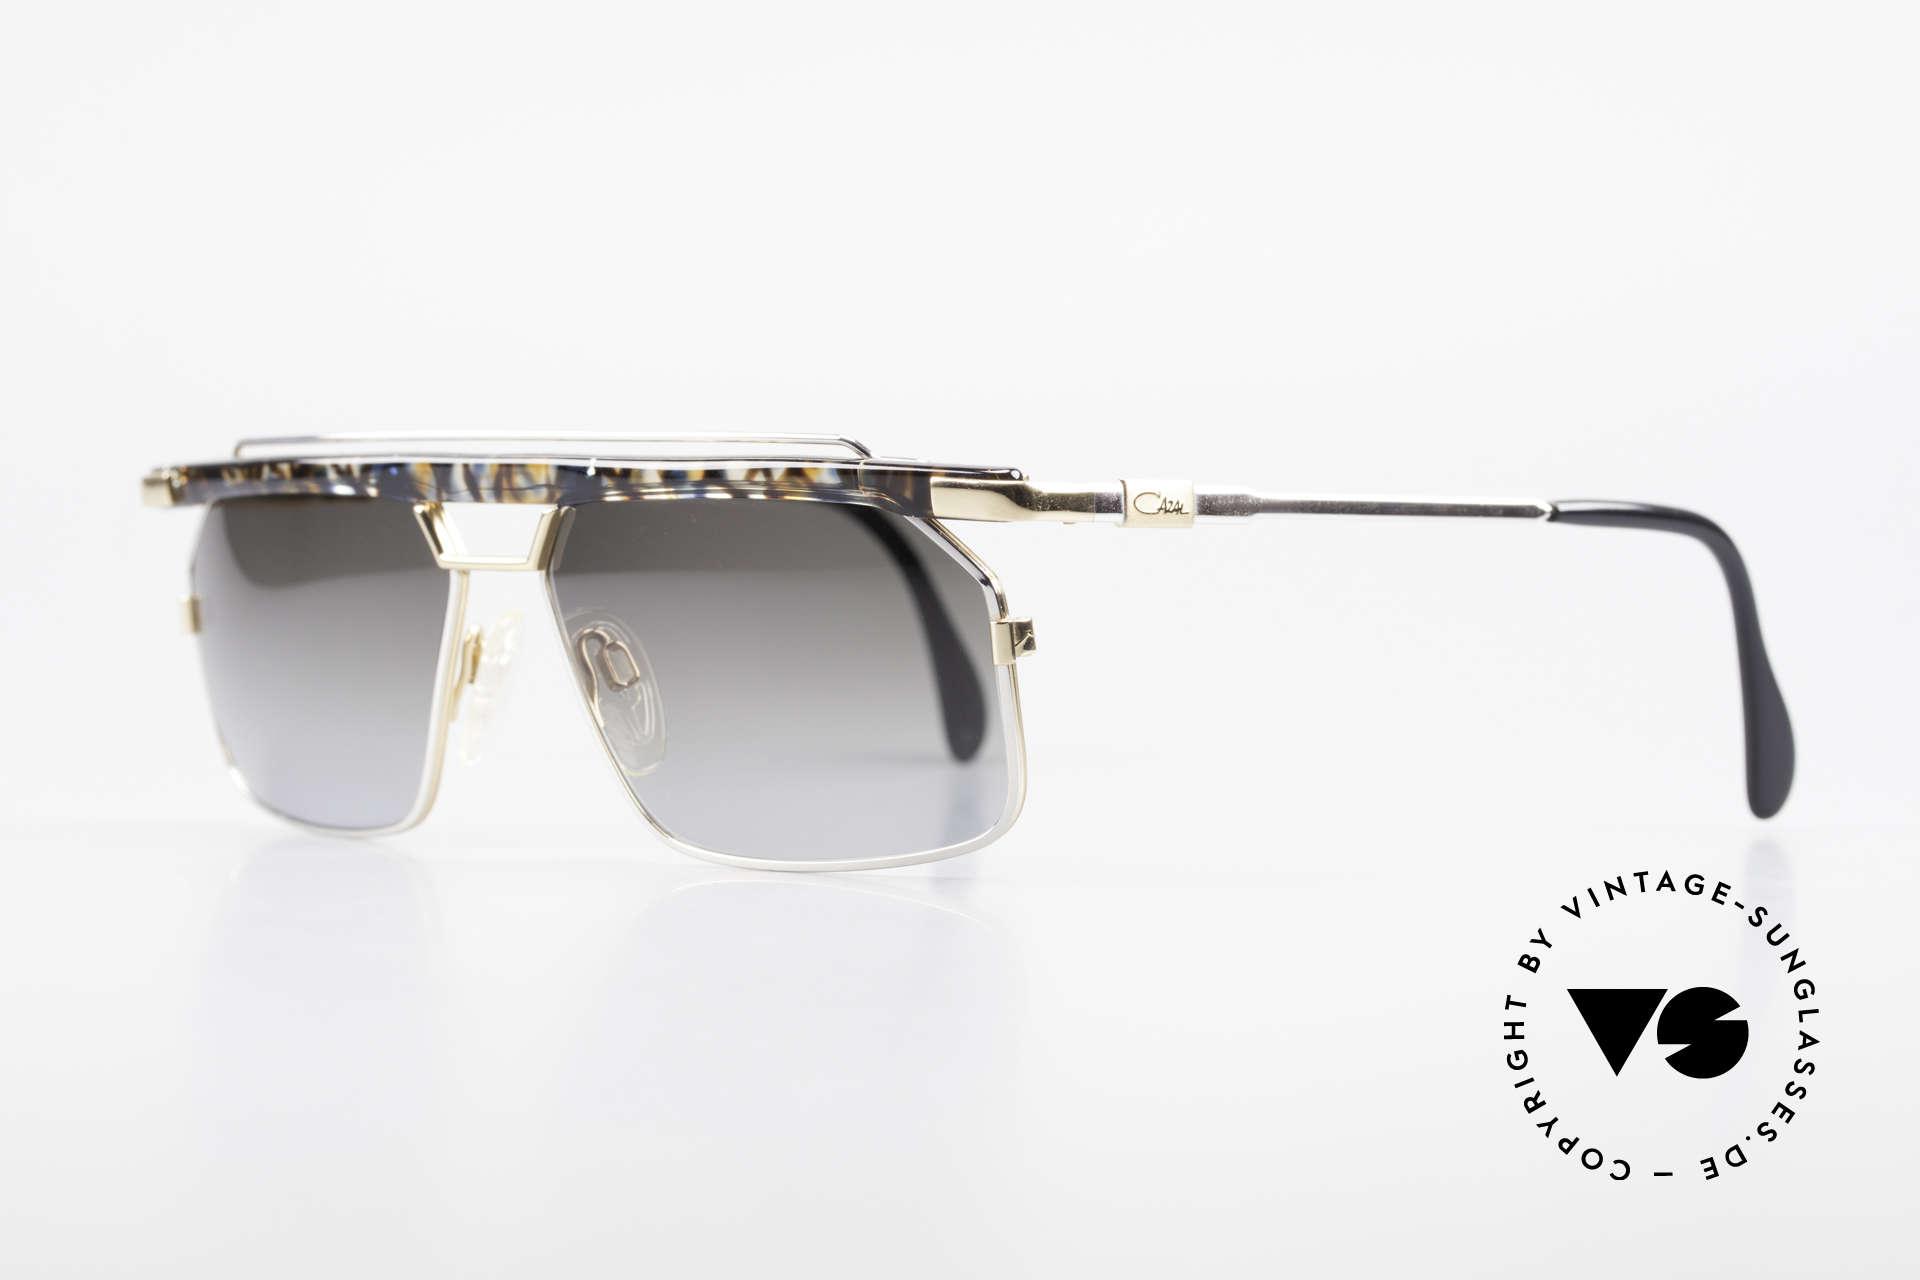 Cazal 752 Rare 90er Vintage Sonnenbrille, extrem selten, da nur in kleiner Stückzahl produziert, Passend für Herren